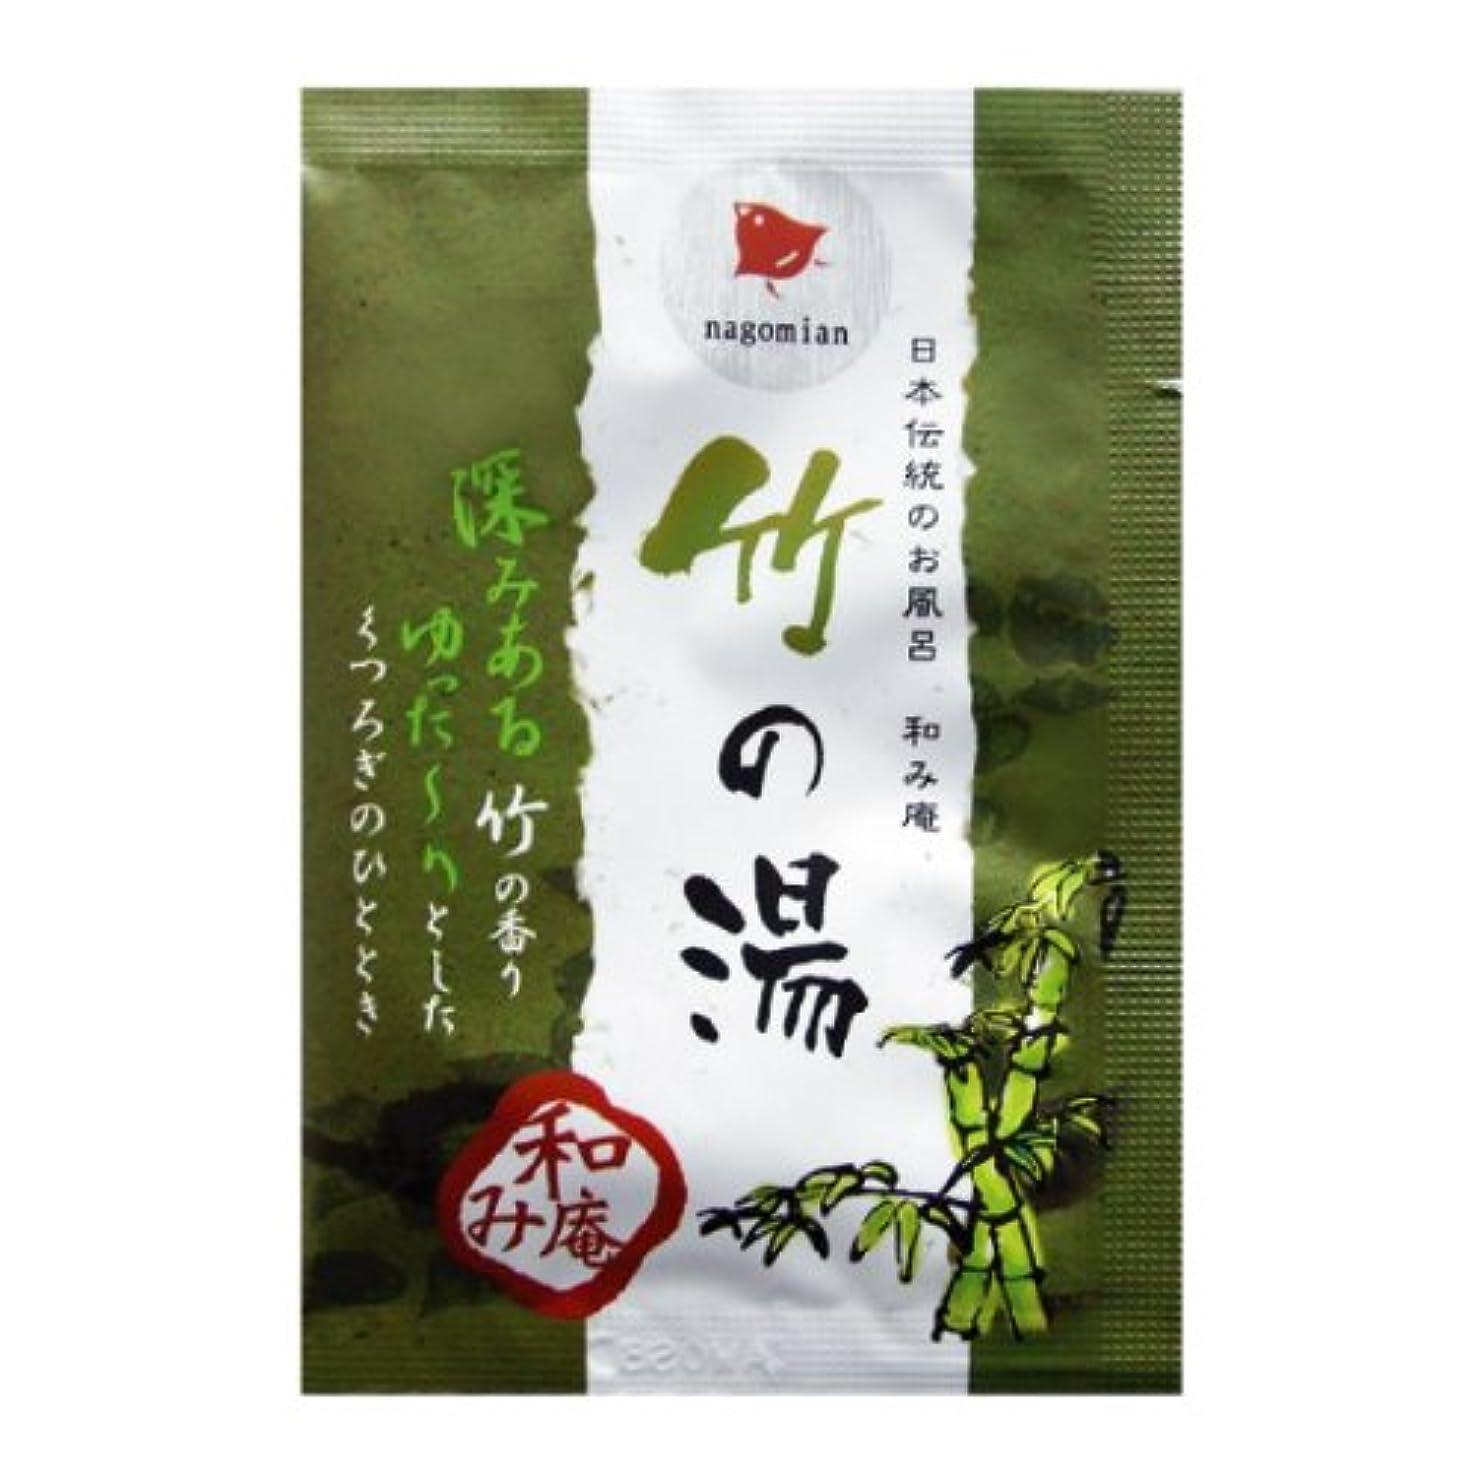 ワーカーひらめきどうやら日本伝統のお風呂 和み庵 竹の湯 200包